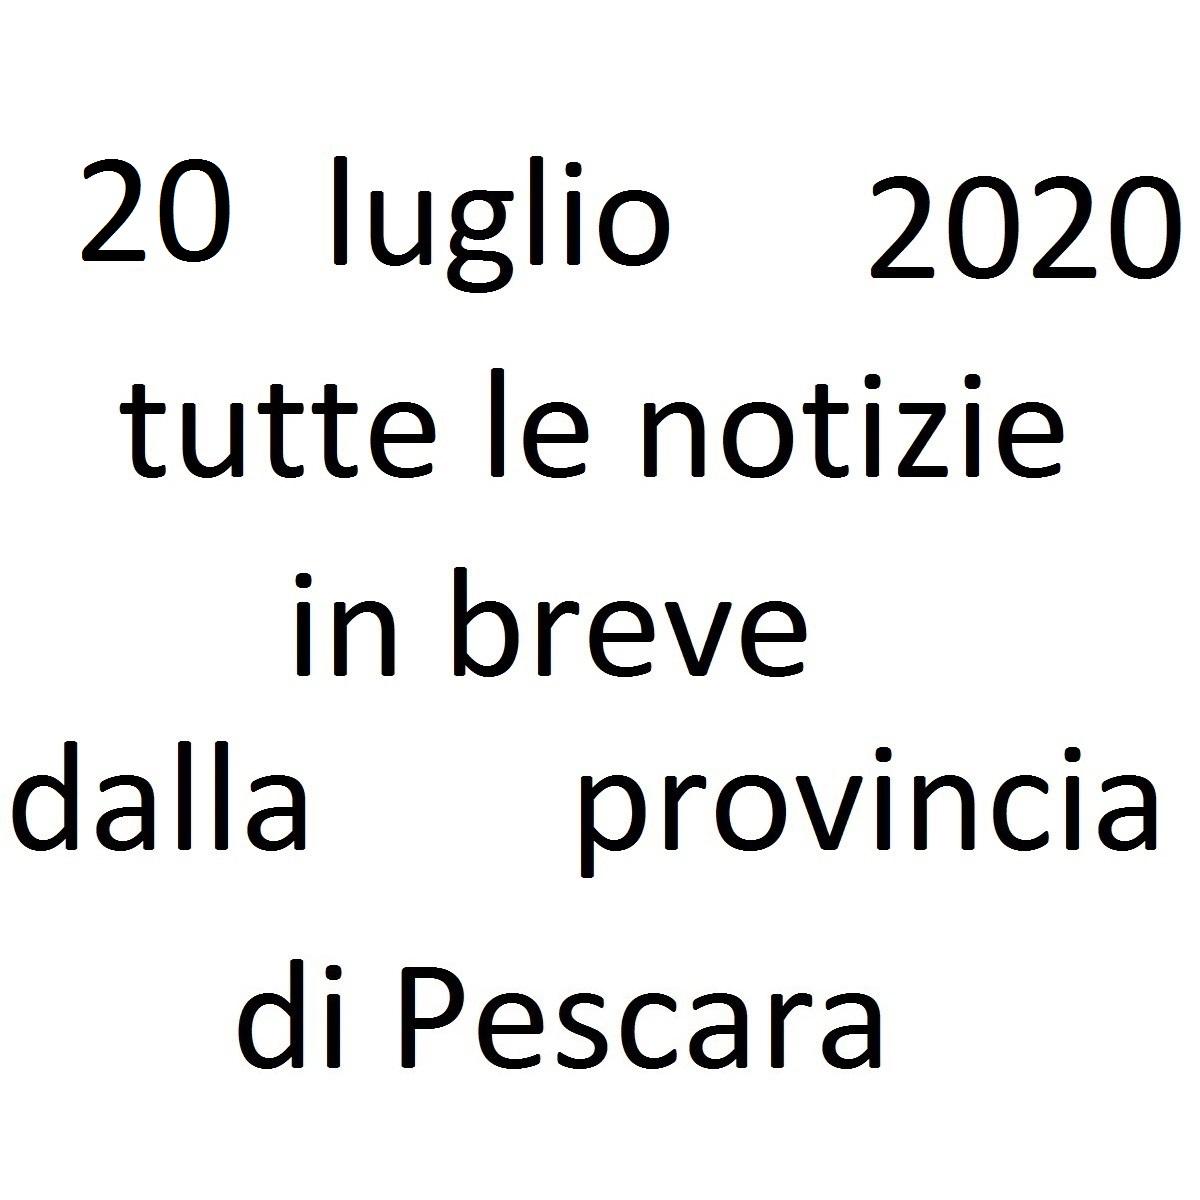 20 luglio 2020 notizie in breve dalla Provincia di Pescara foto